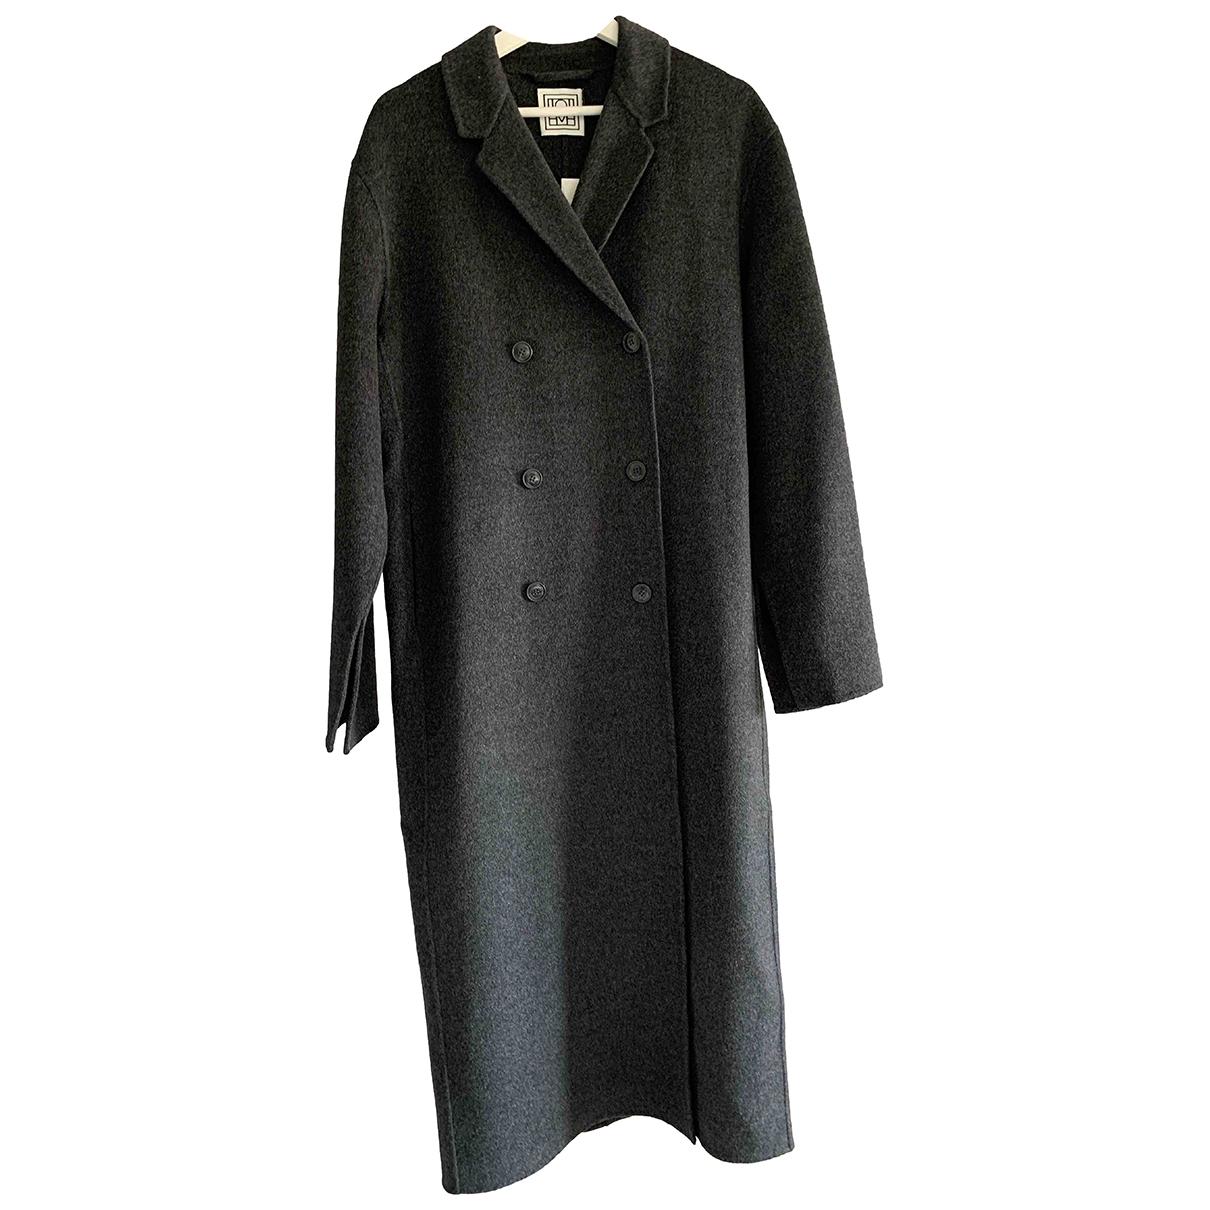 Toteme - Manteau   pour femme en laine - gris